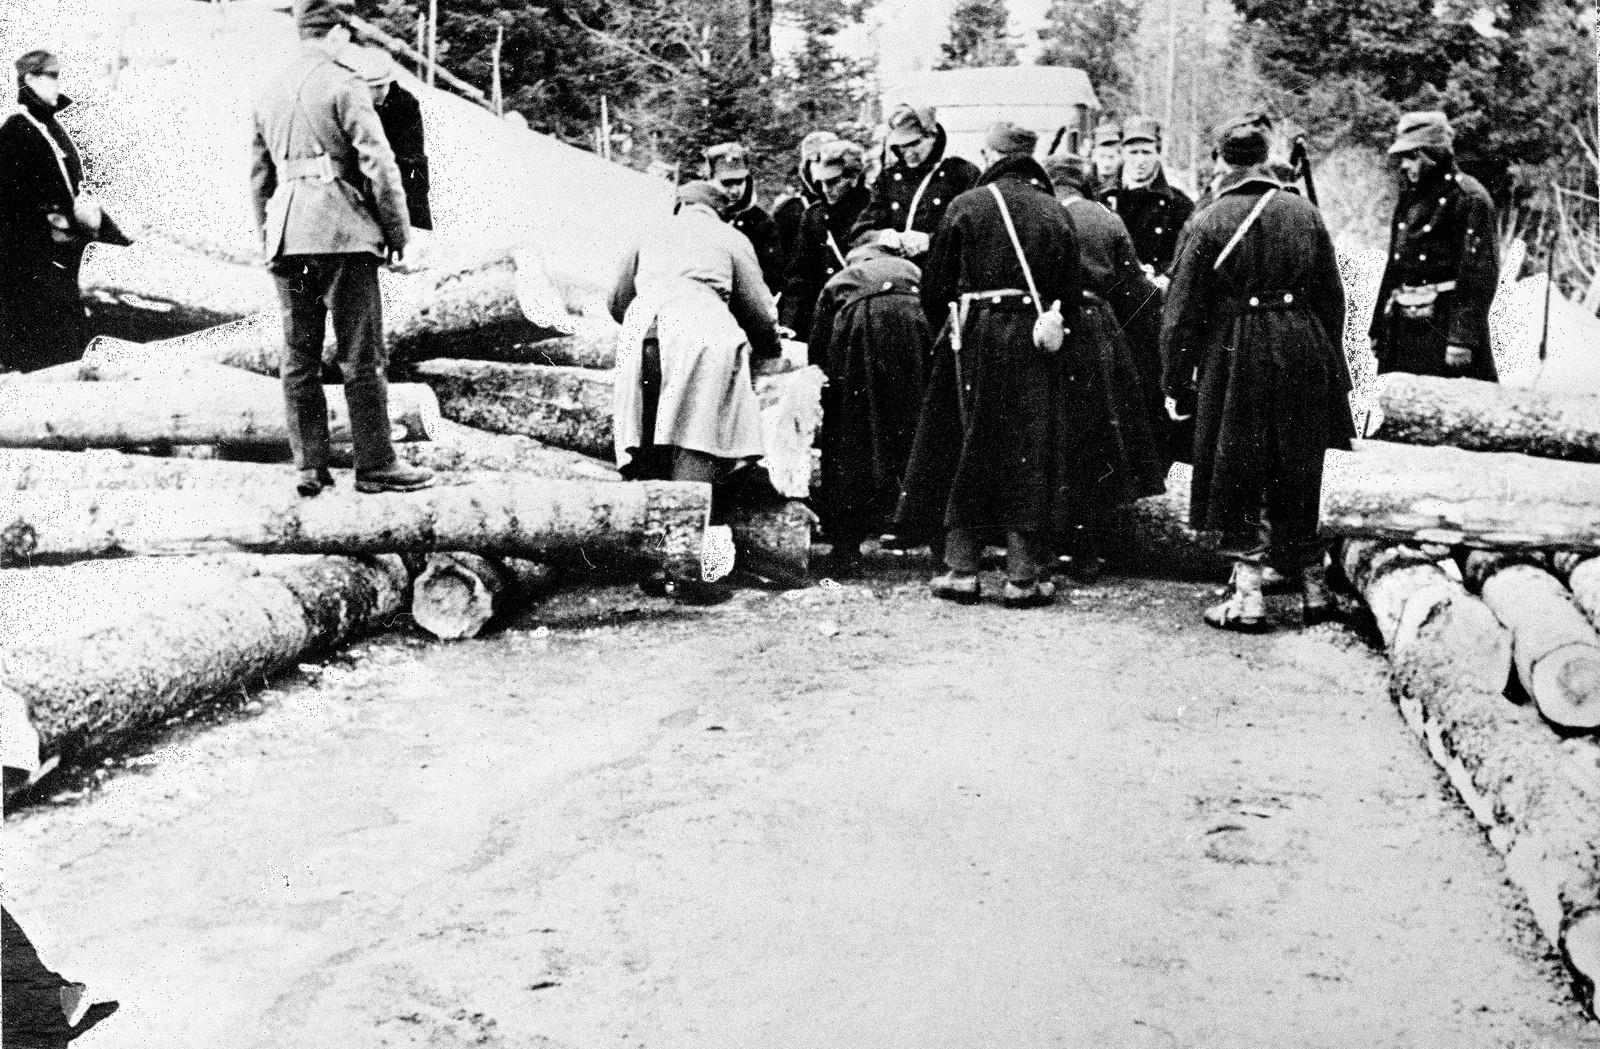 Norsk veisperring ved Gjøvik aprildagene 1940. Tømmerstokker blir brukt til sperringen.